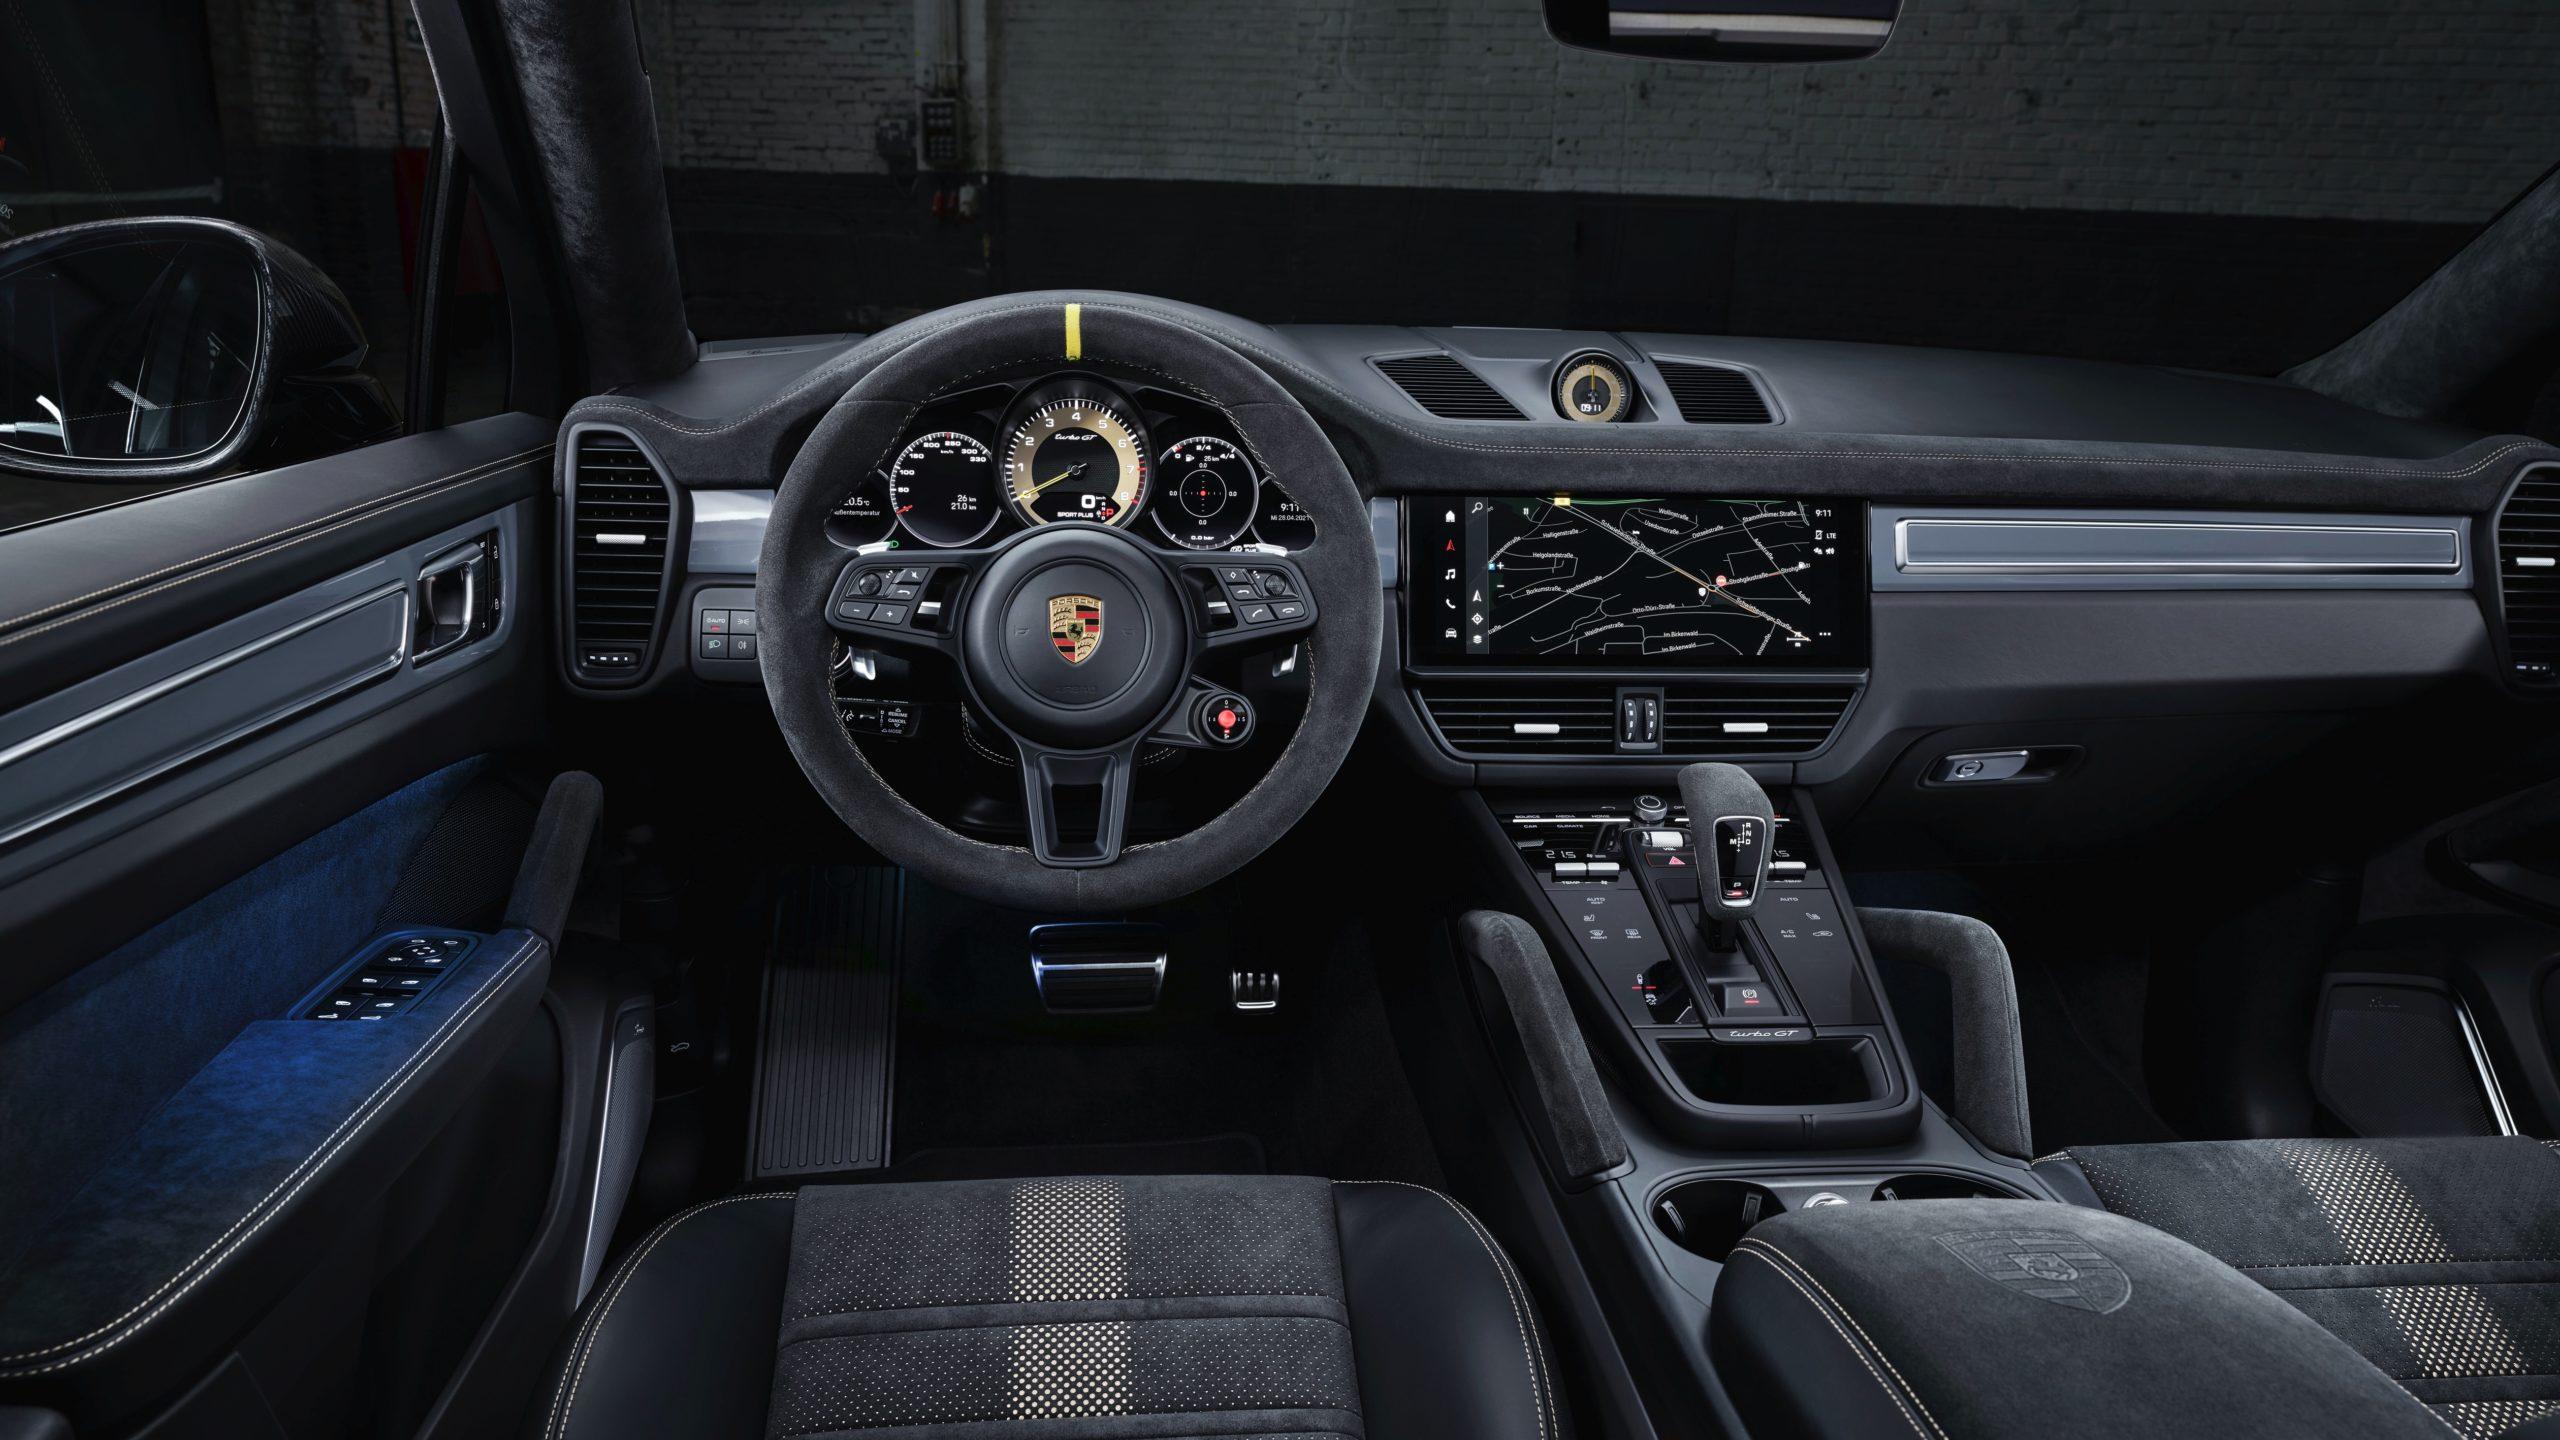 Porsche-Cayenne-Turbo-GT-Interior